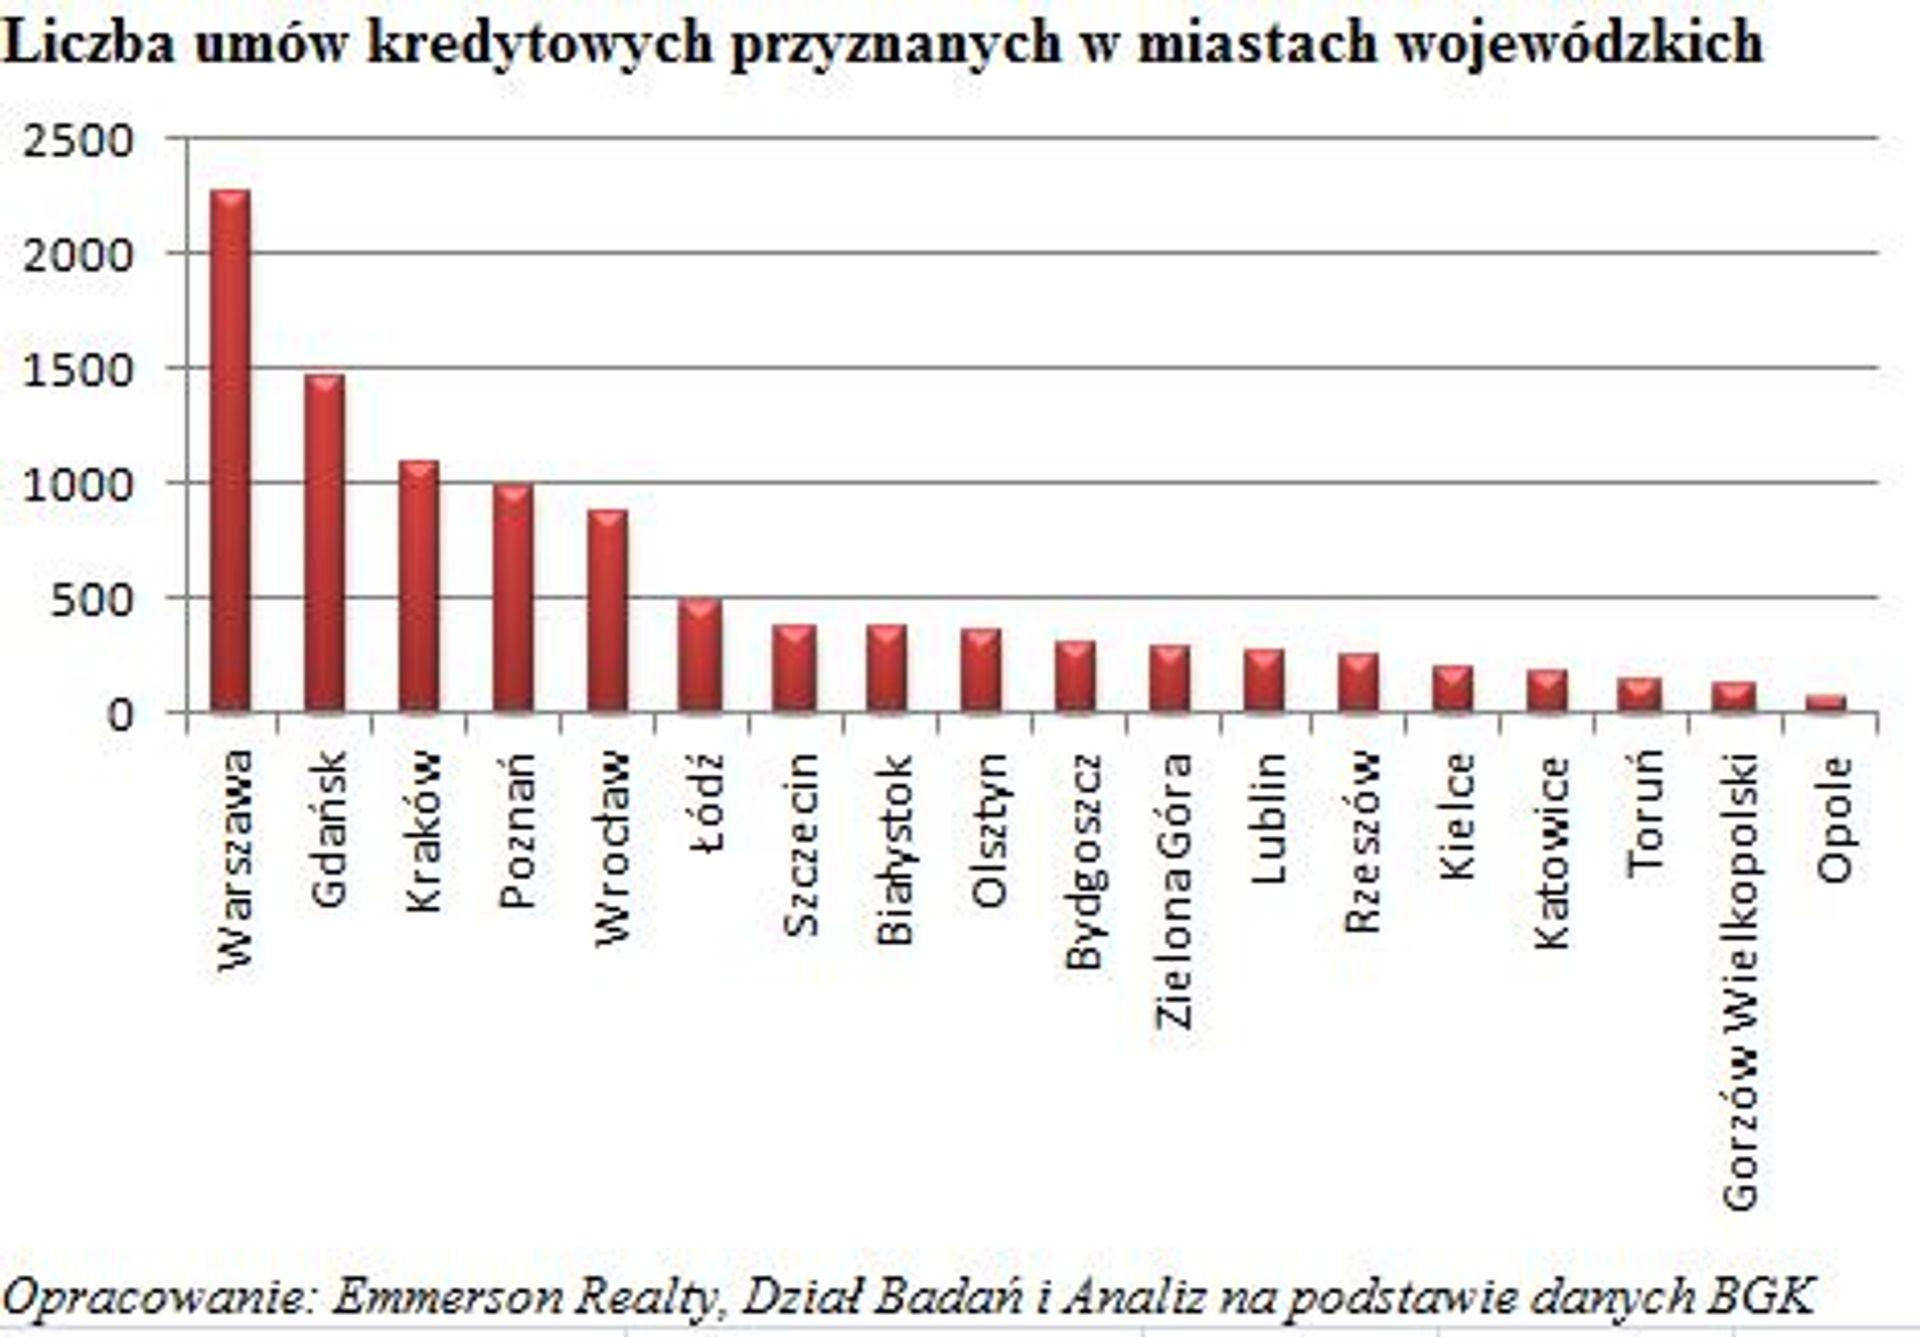 [Polska] MdM – gdzie największy wybór na początku II kw. 2015 r.?